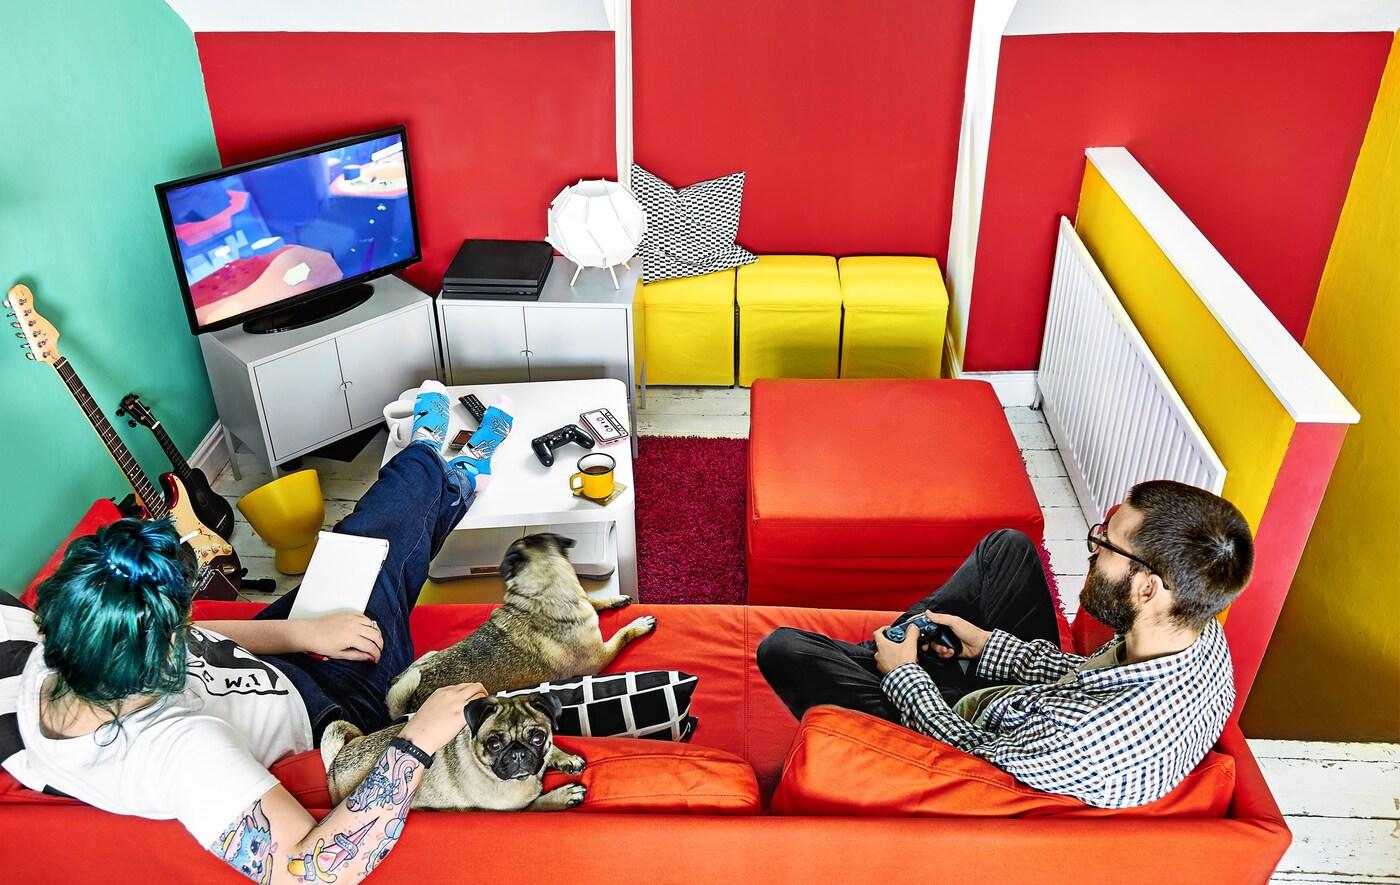 Soba sa zidovima jarkih boja, sofom i konzolom za igrice.